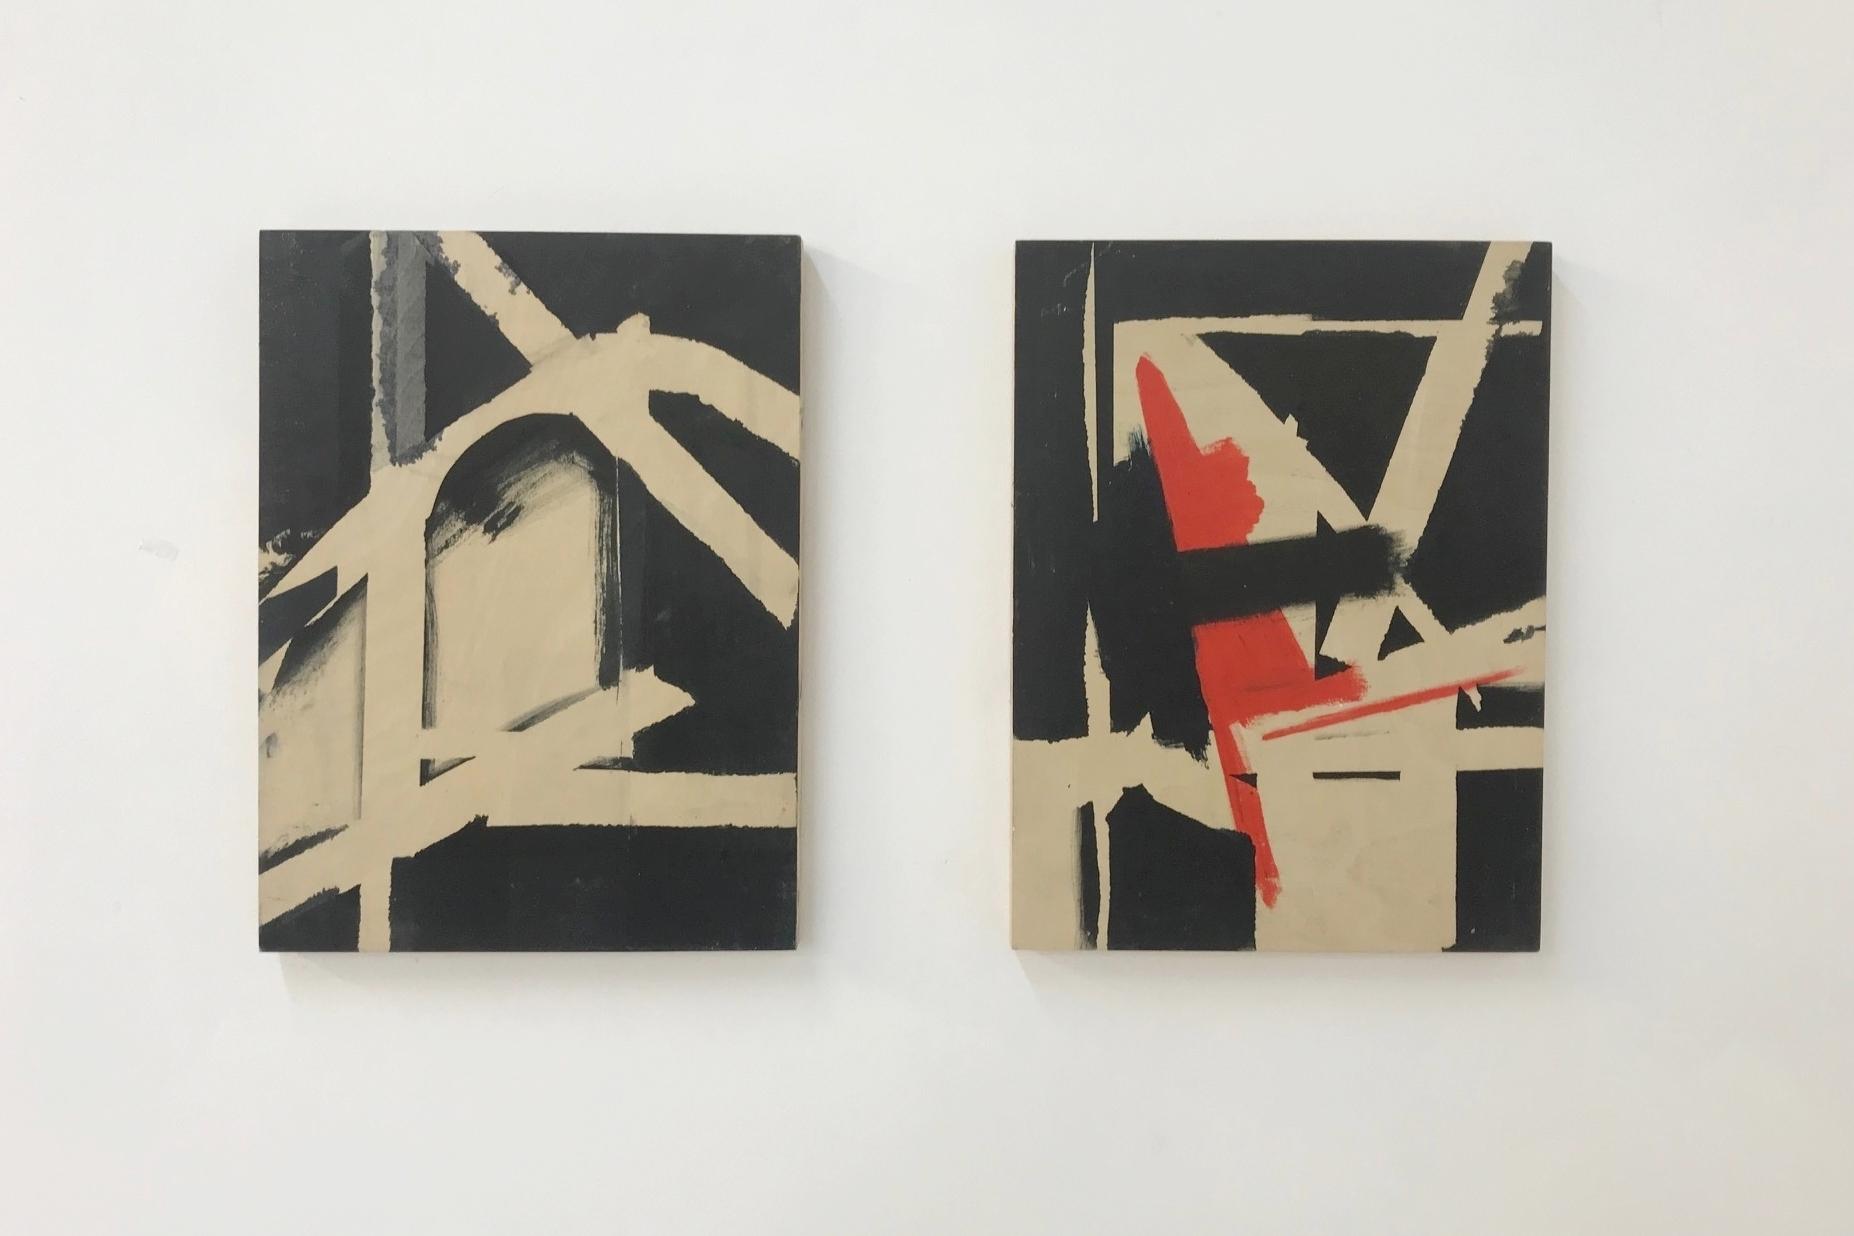 Untitled, Acrylic on wood, 23cm x30.5cm each